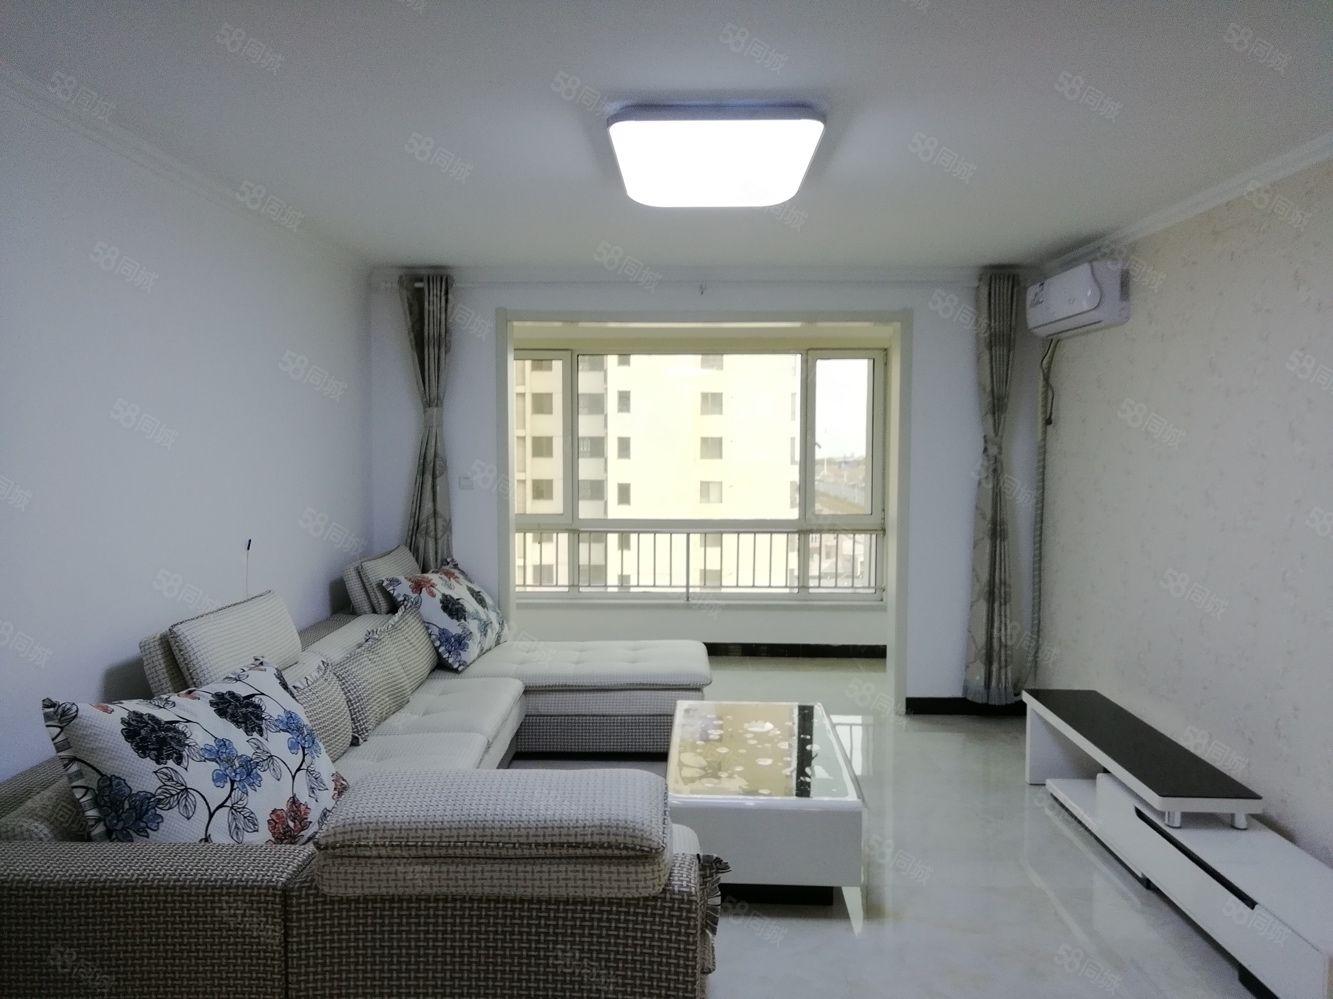 東戴河松源海景日租房,民宿,精裝修,拎包入住,有網,有空調